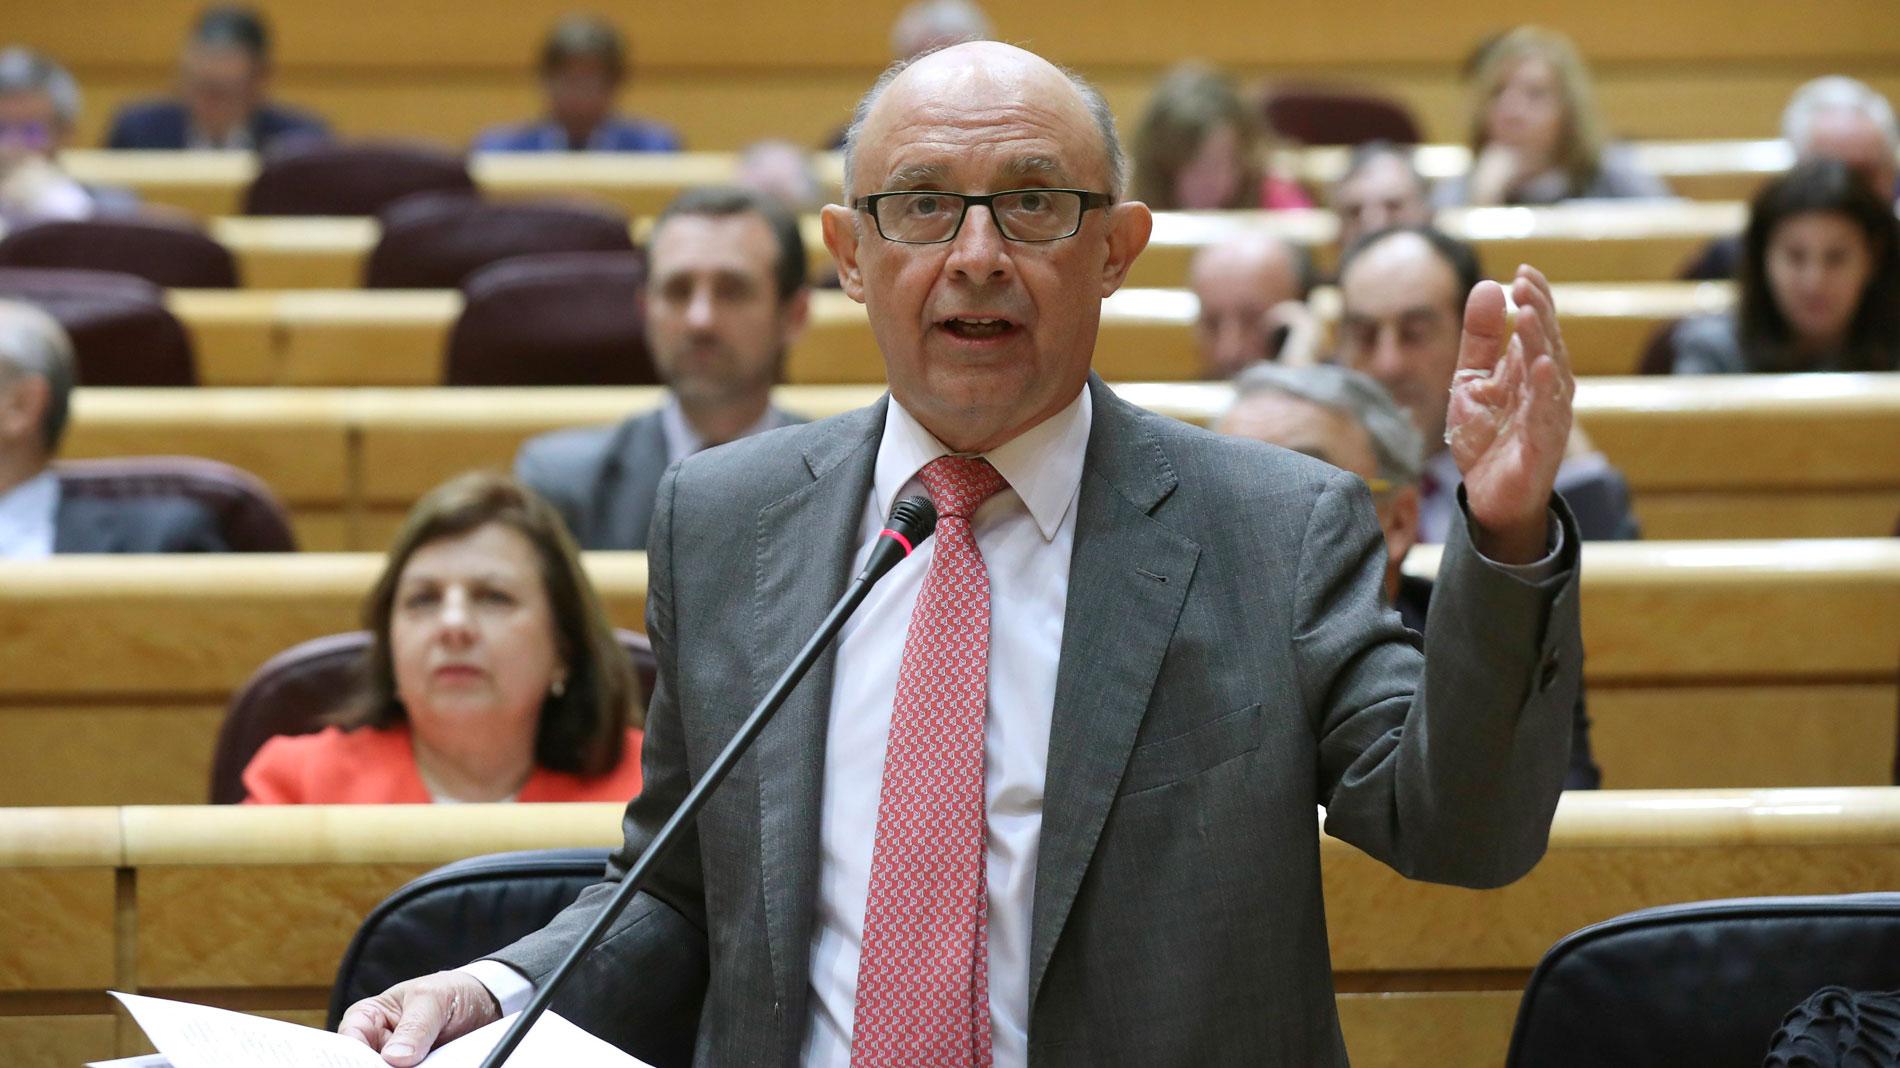 El Gobierno confía en conseguir los apoyos para tumbar las enmiendas presentadas